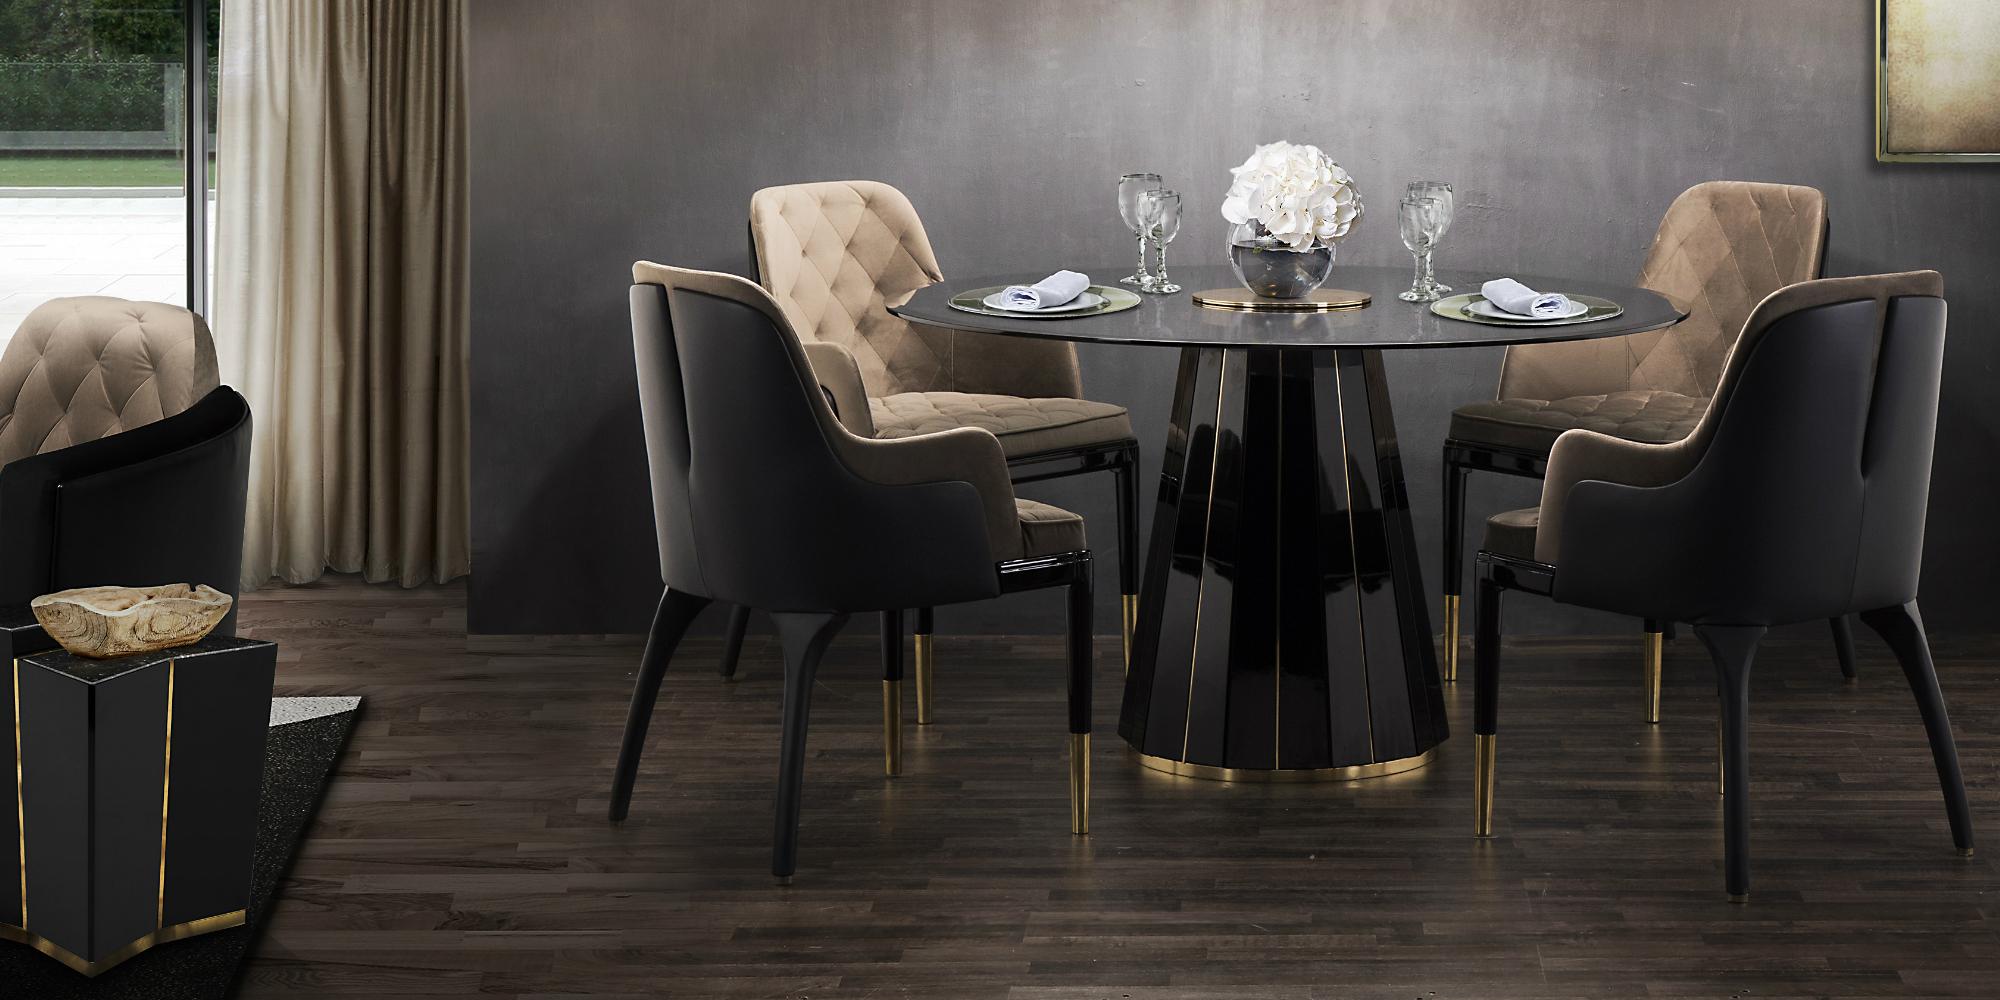 dicas de decoración Dicas De Decoración: Las Mejores Mesas De Comedor Contemporáneas darian dining table cover 02